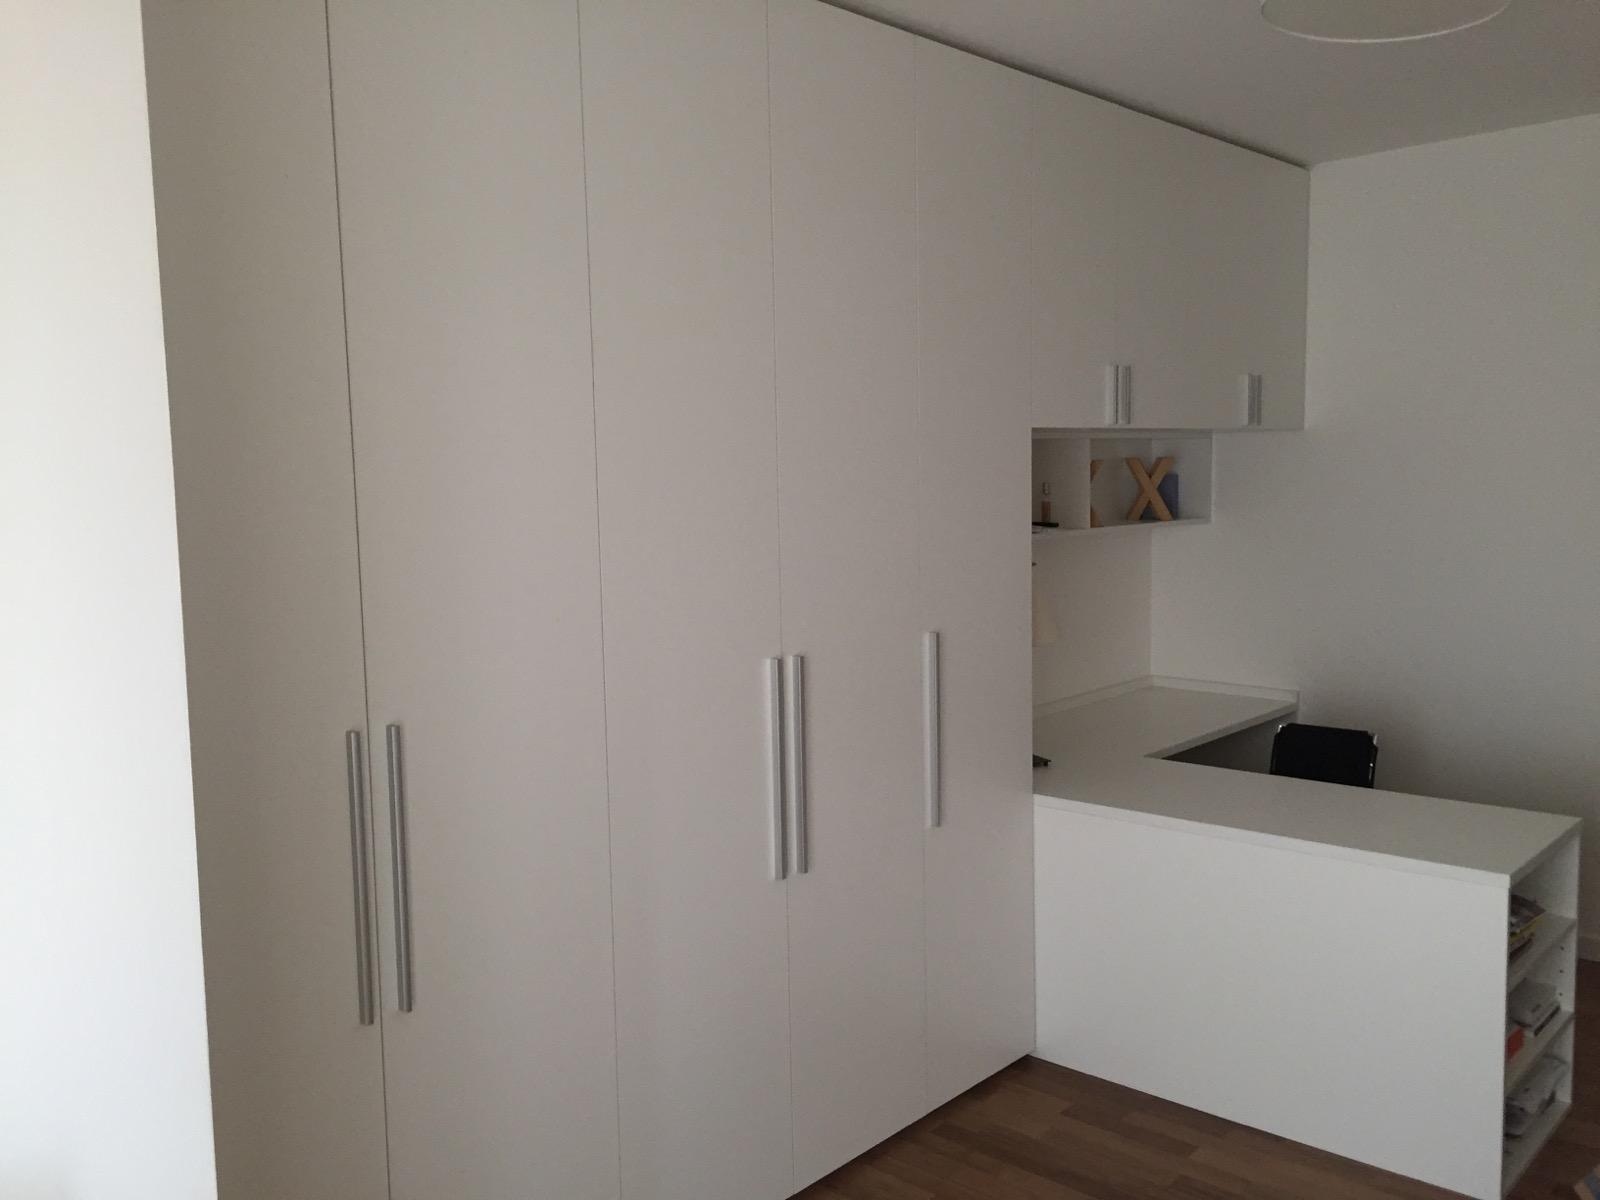 Appartamento modena 3 conti arredamenti arredamenti for Negozi arredamento modena e provincia